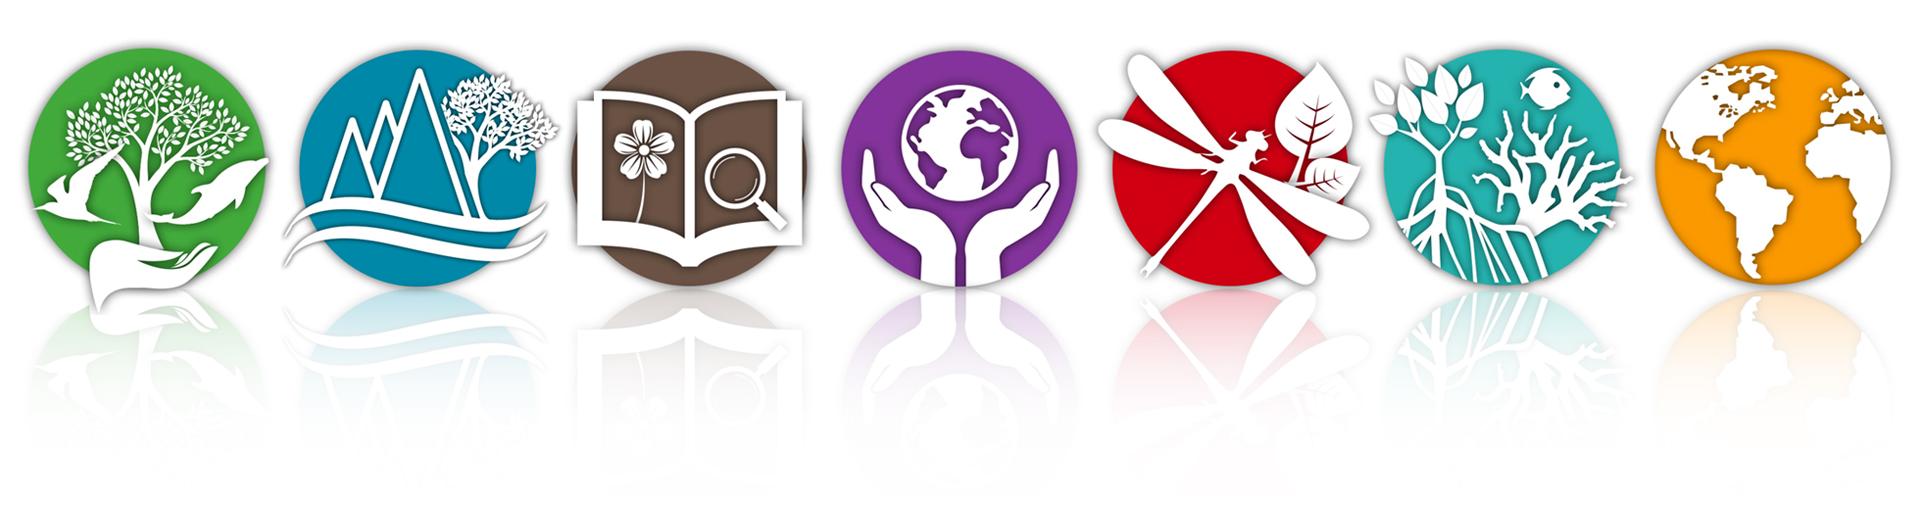 7 Programmes de l'UICN